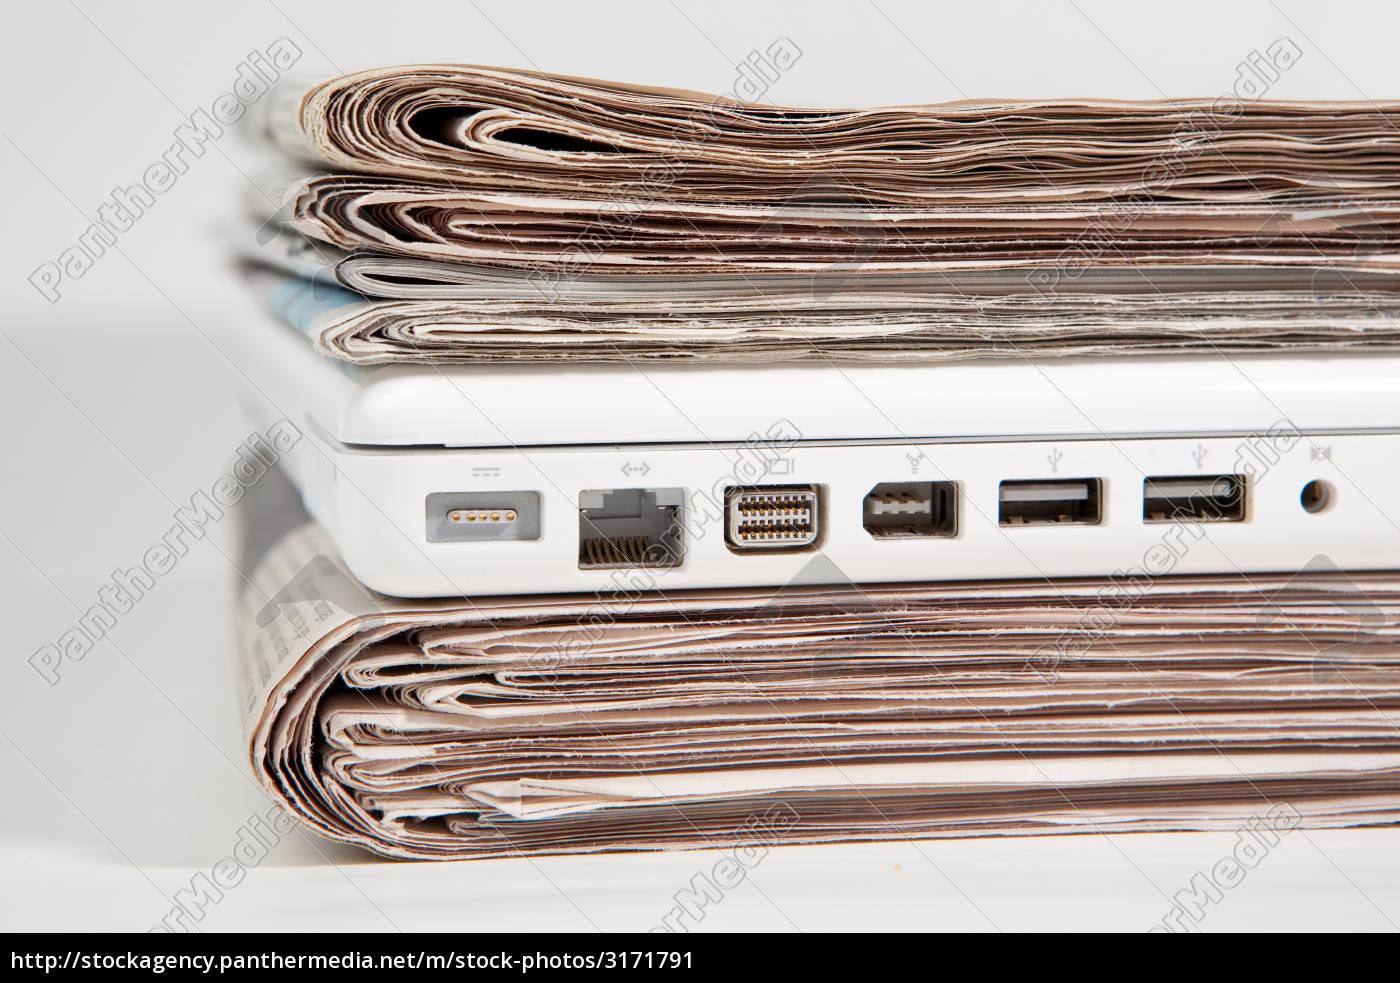 laptop, between, newspaper, pile - 3171791